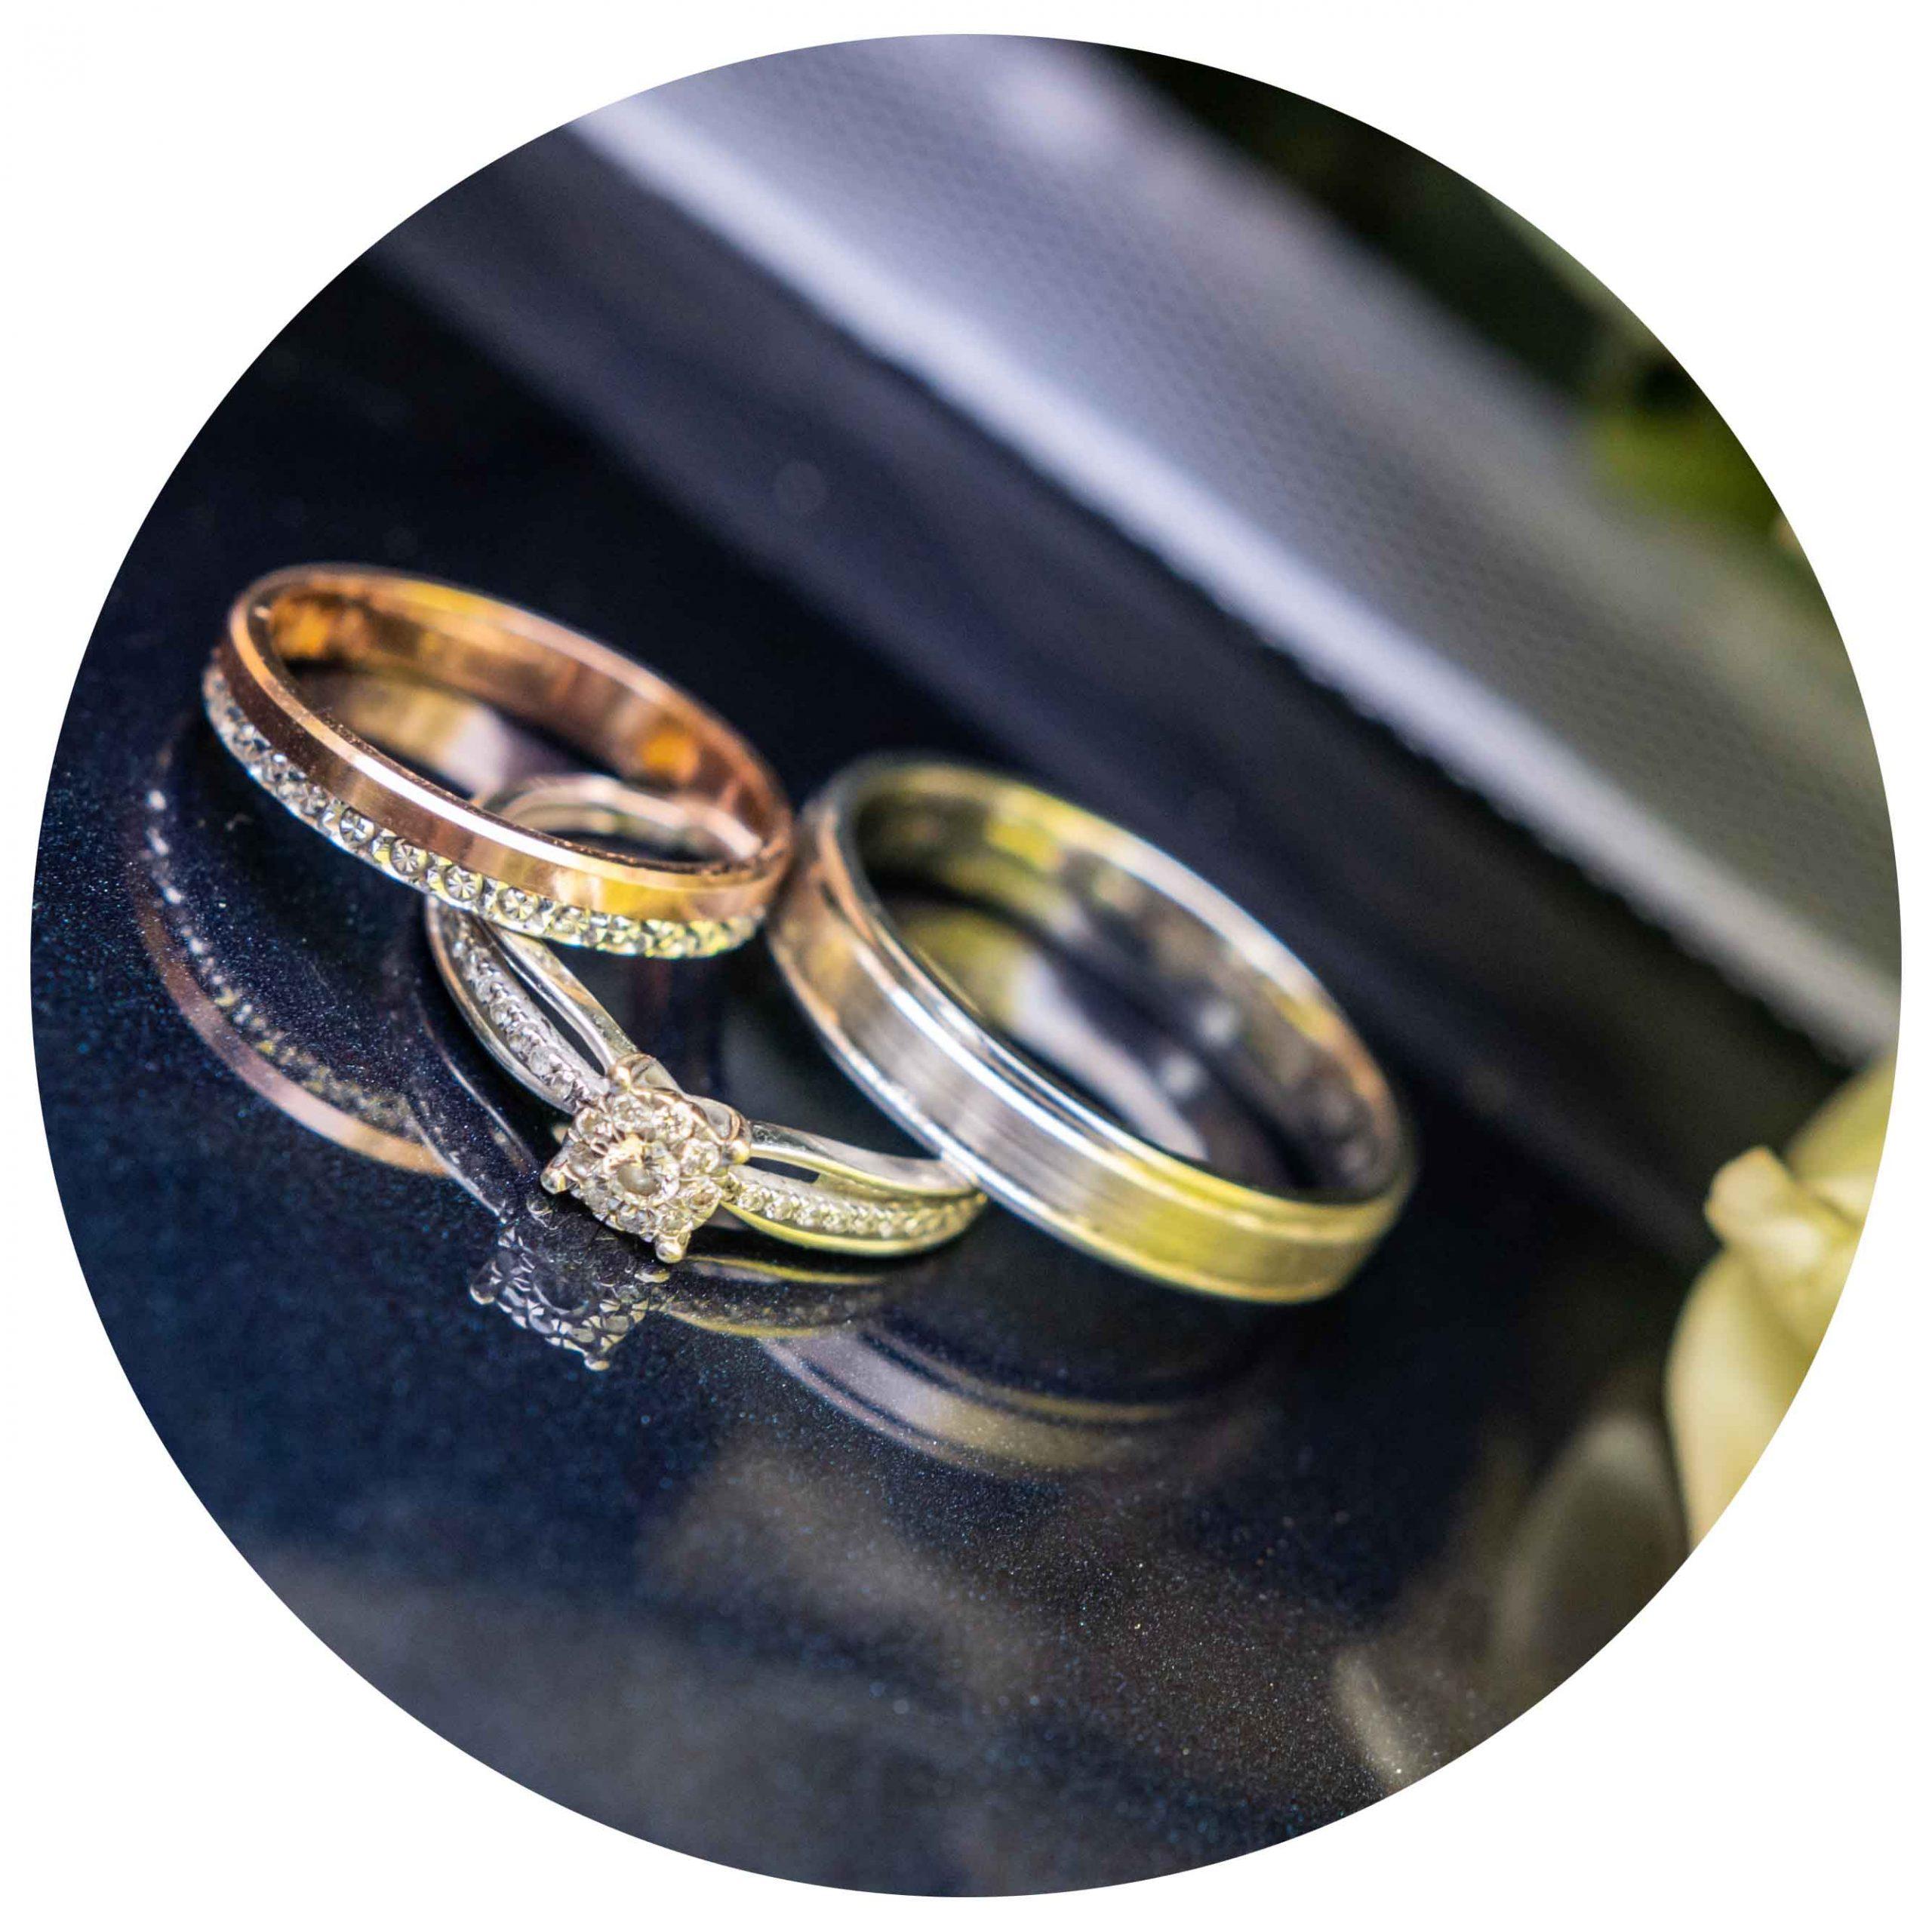 photos d'alliances le jour du mariage posées sur une surface brillante